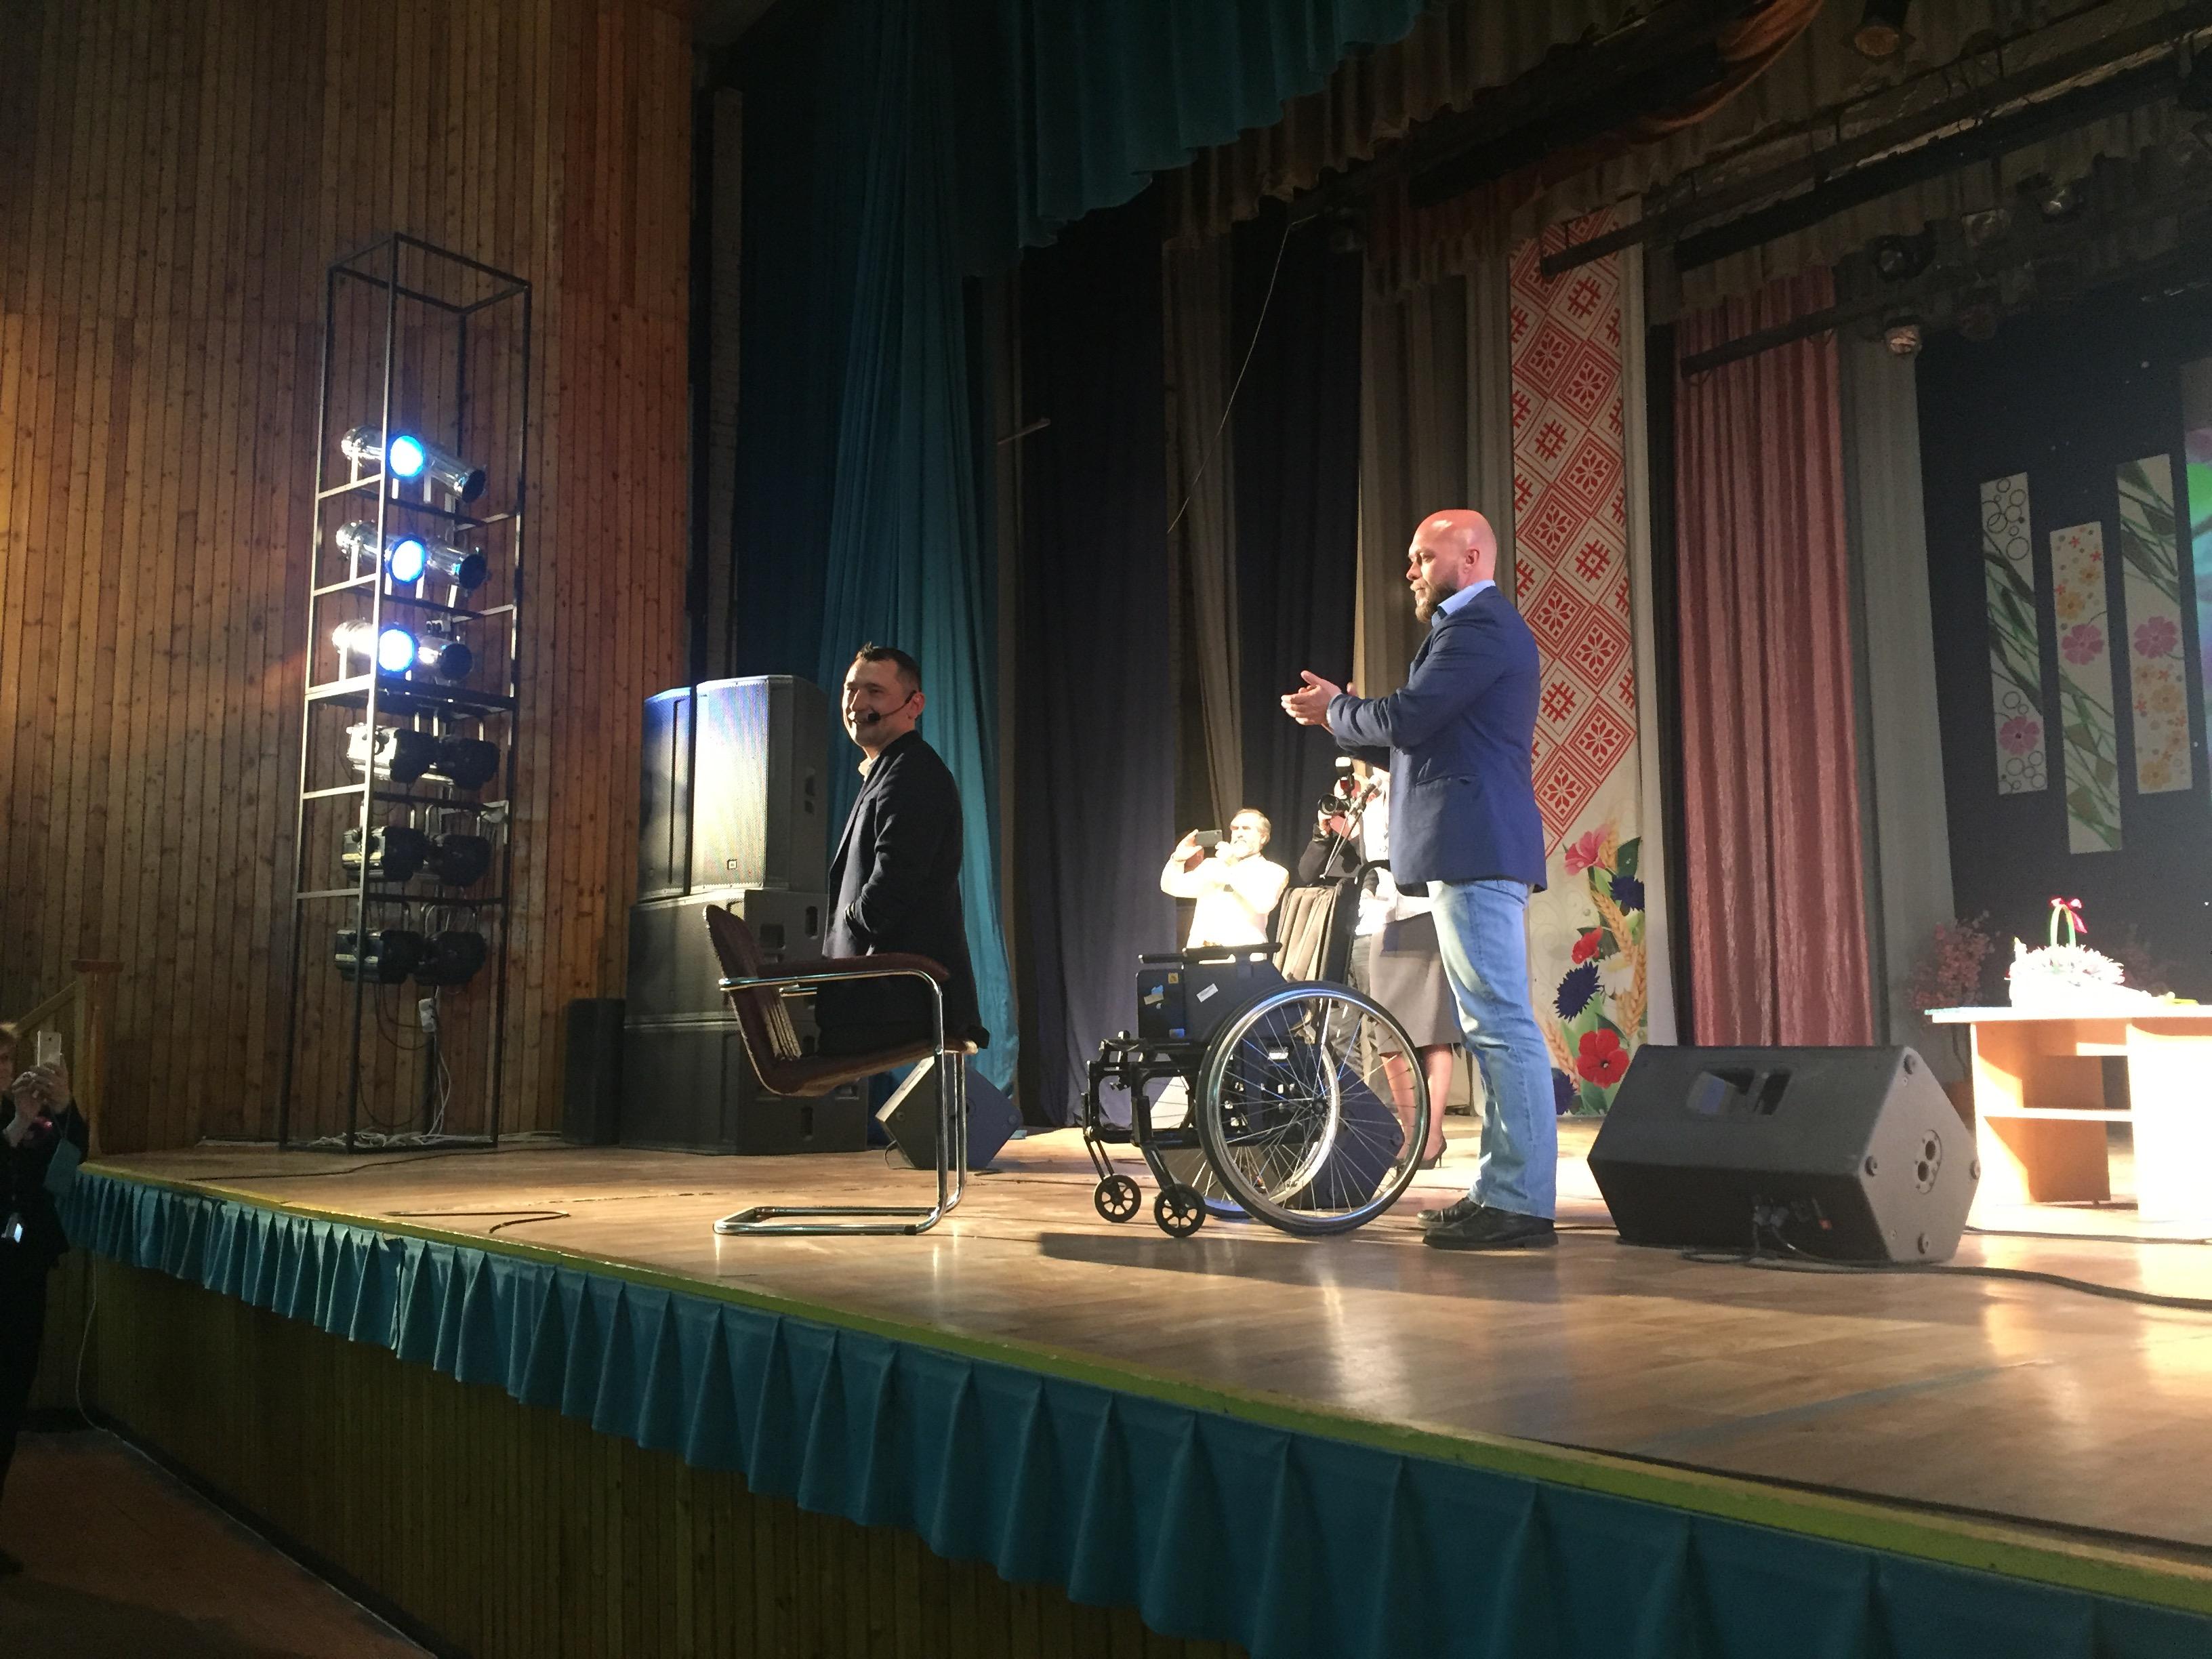 Алексей Талай (слева) рассказал зрителям, как расширить границы своих возможностей. Фото: Диана КОСЯКИНА